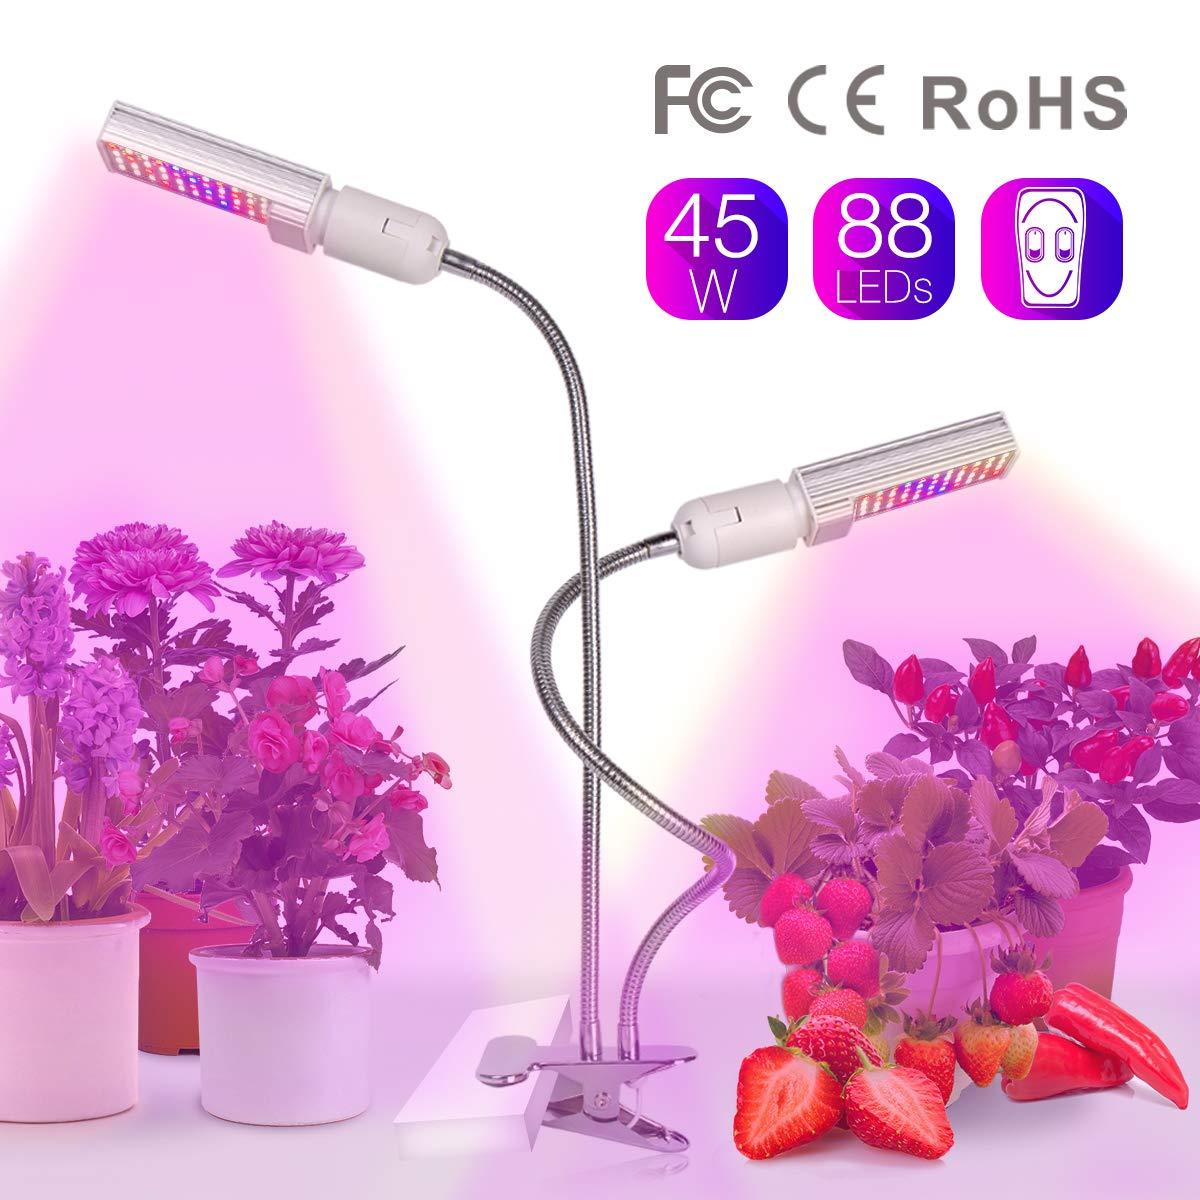 LED Tischlampe & Pflanzenlampe, Leselampe mit Augenschutz-Funktion, Vollspektrumlampe Zum Fördern des Pflanzenwachstums mit Hydrokulturtopf, USB-Ladeanschluss, Touch-Bedienung, Umluftventilator (Weiß) Relassy